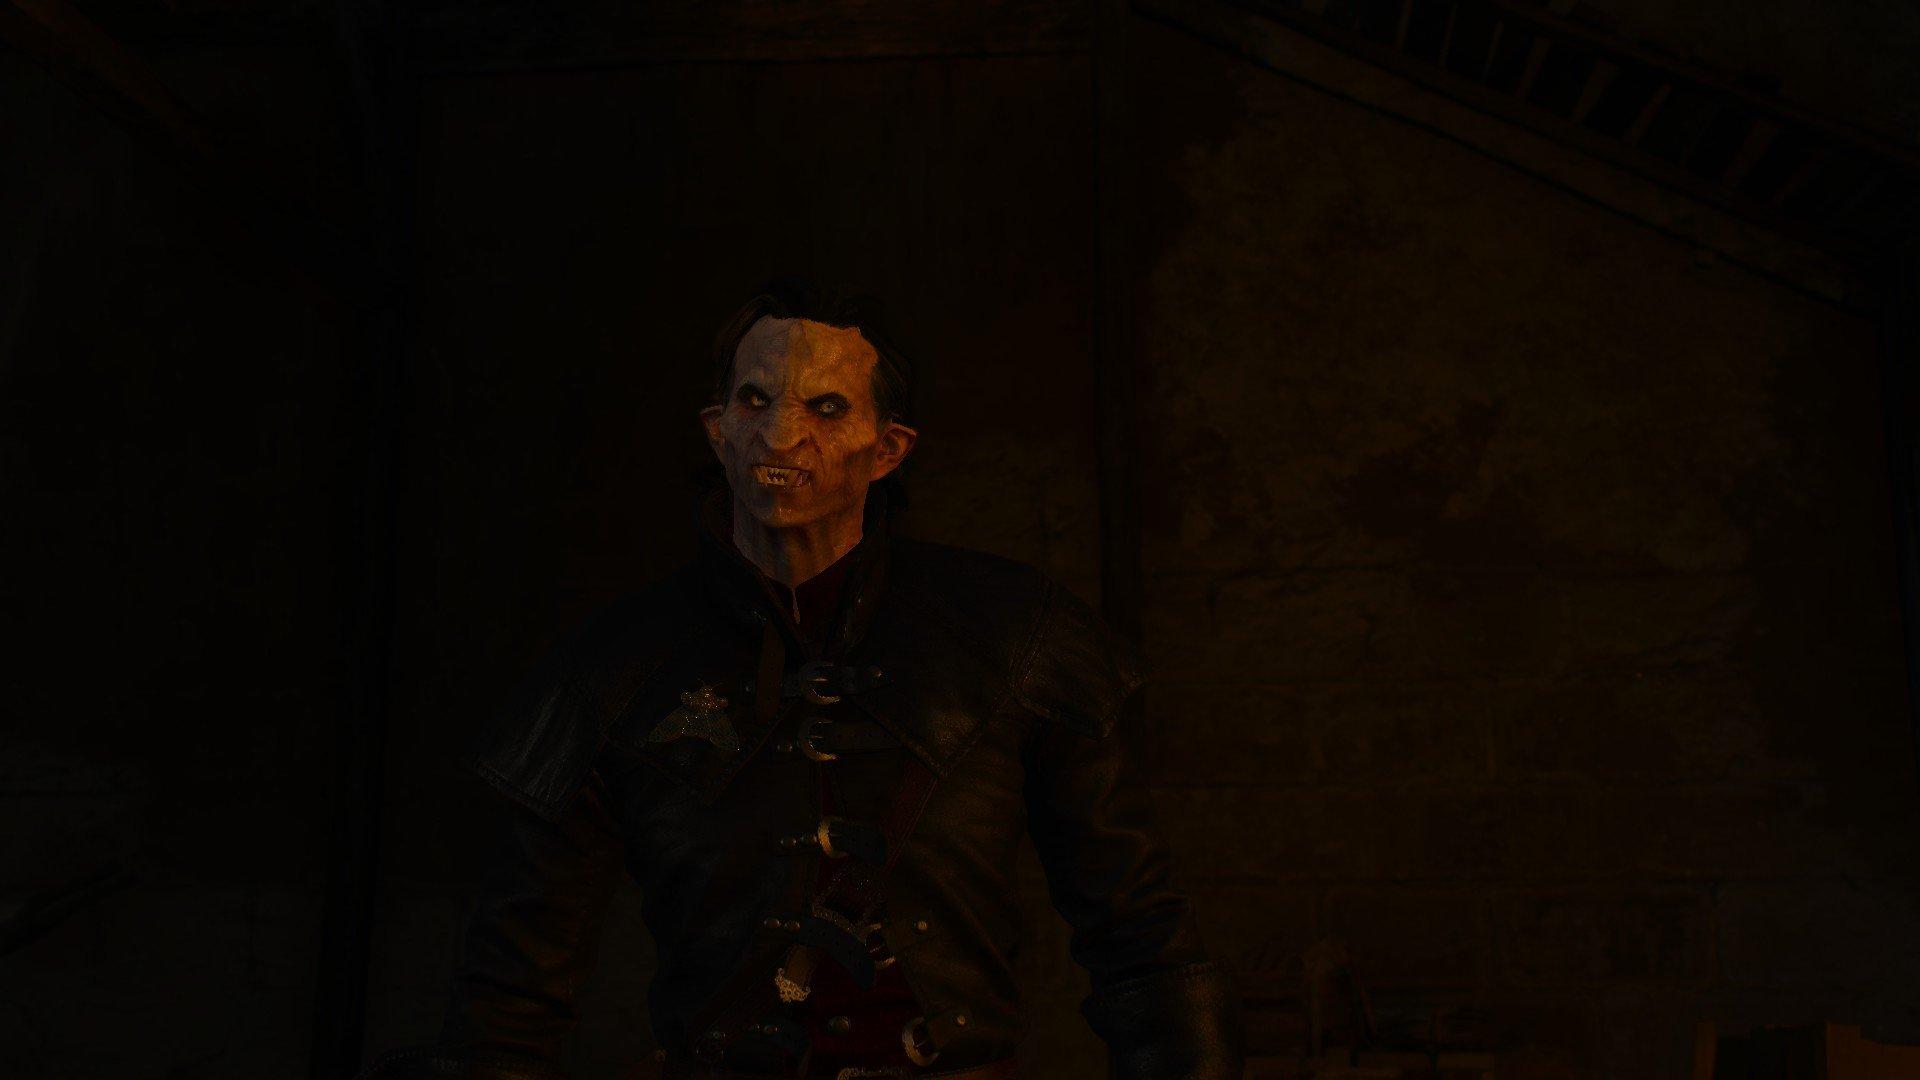 Вопль-прохождение Witcher 3: Кровь и Вино ... НАЧАЛО [ВНИМАНИЕ, ВОЗМОЖНЫ СПОЙЛЕРЫ] - Изображение 21